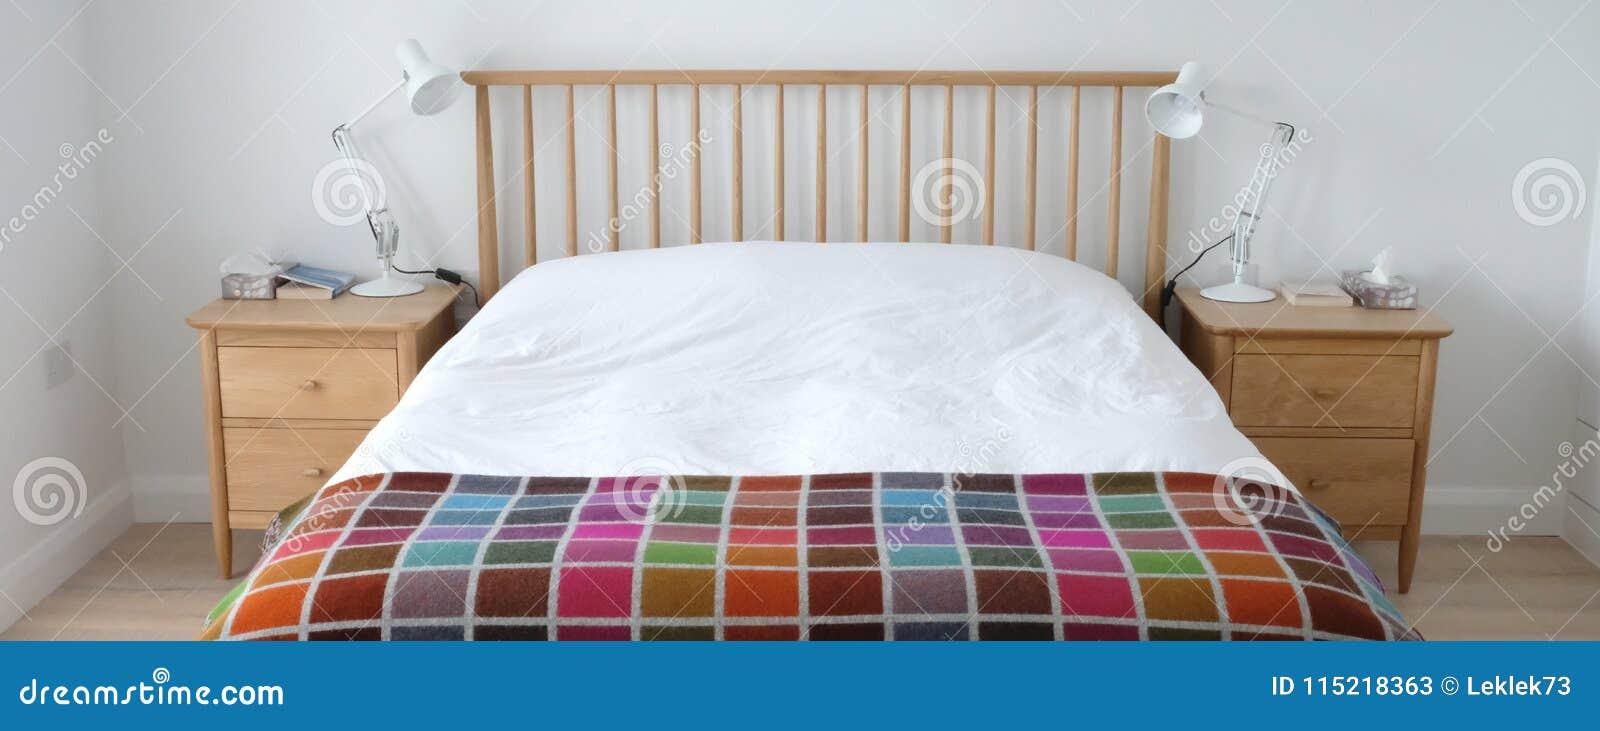 Scandinavian Inspired Bedroom Interior Showing Wooden